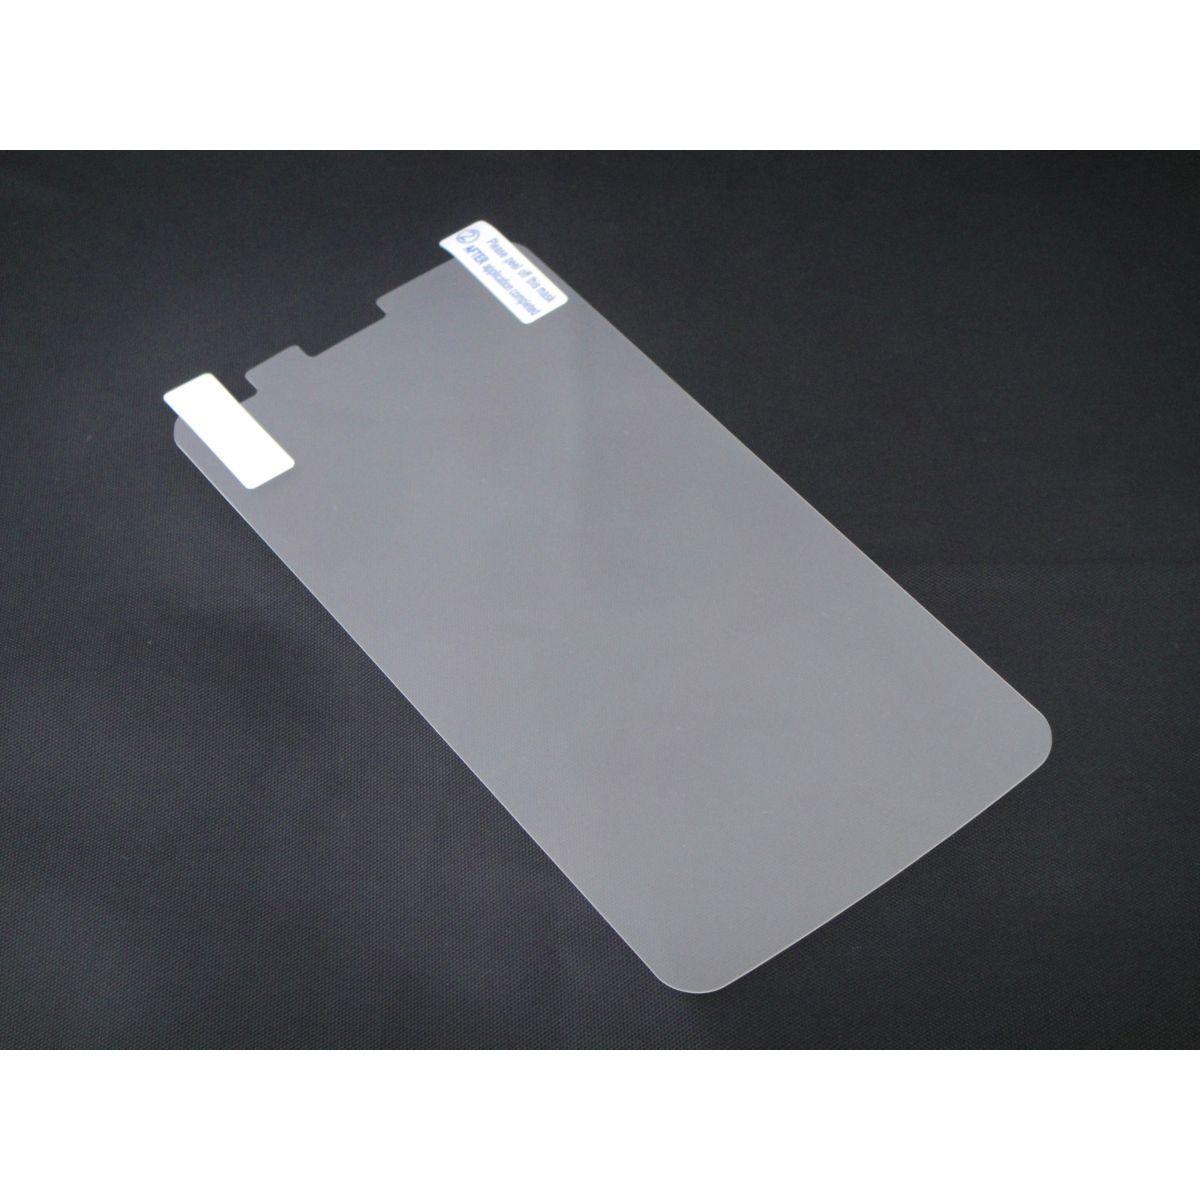 Película Protetora para LG G Flex D950 - Fosca